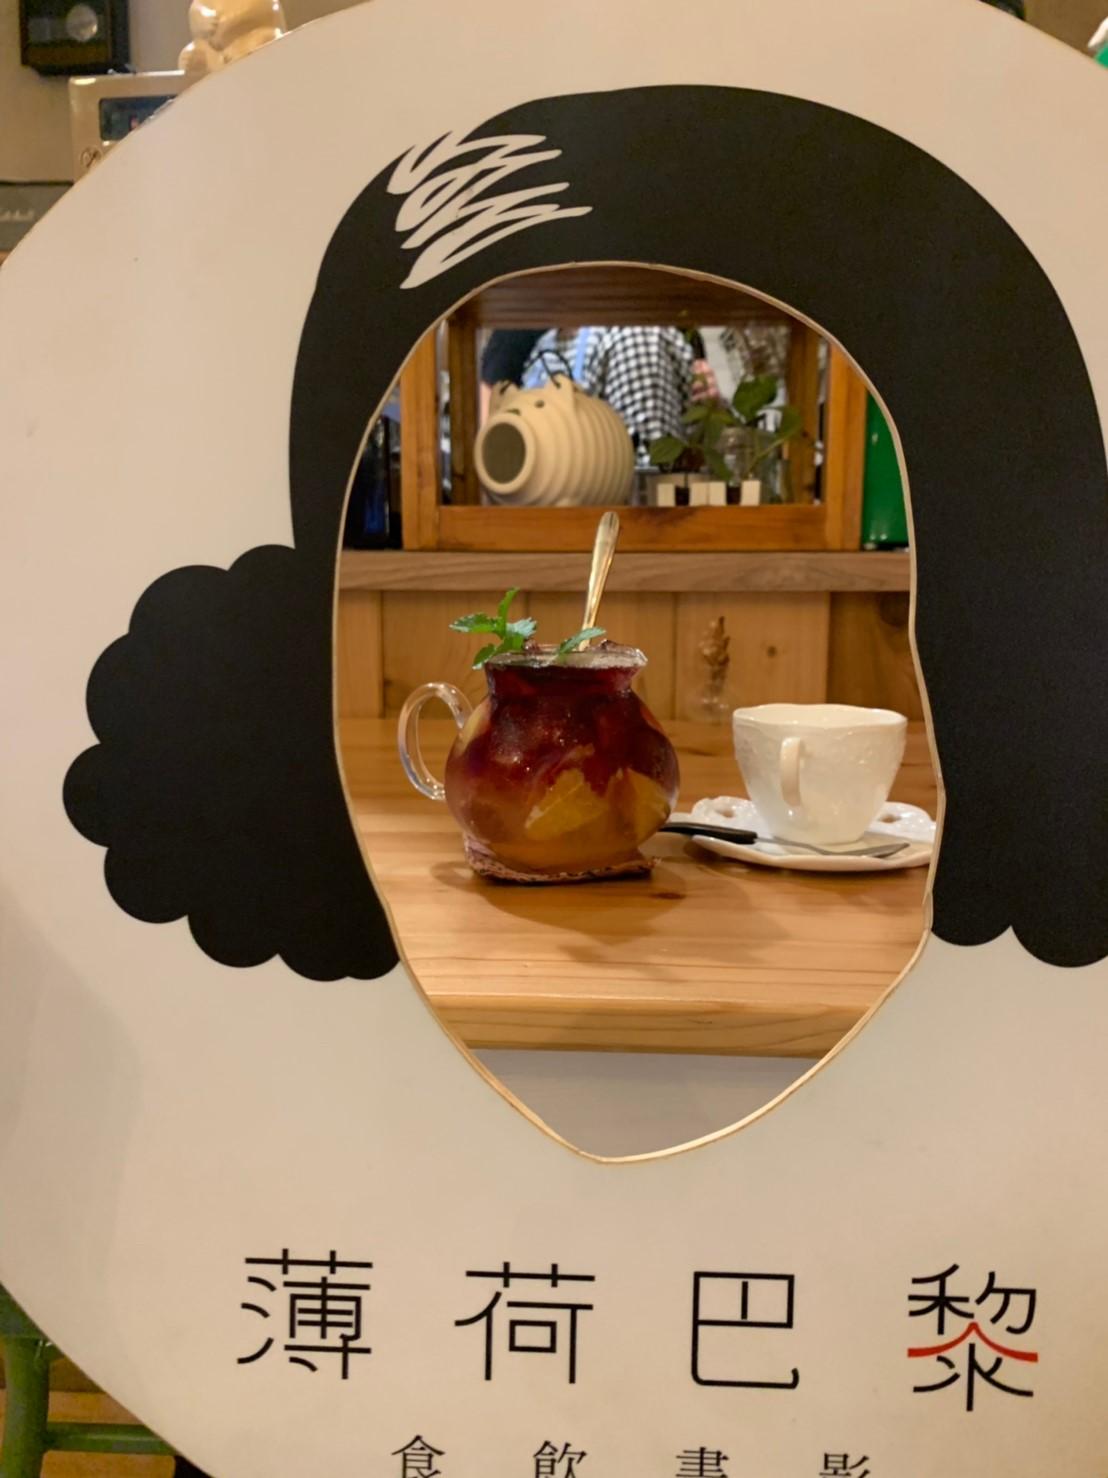 台東推薦薄荷巴黎咖啡廳桑格麗亞水果酒